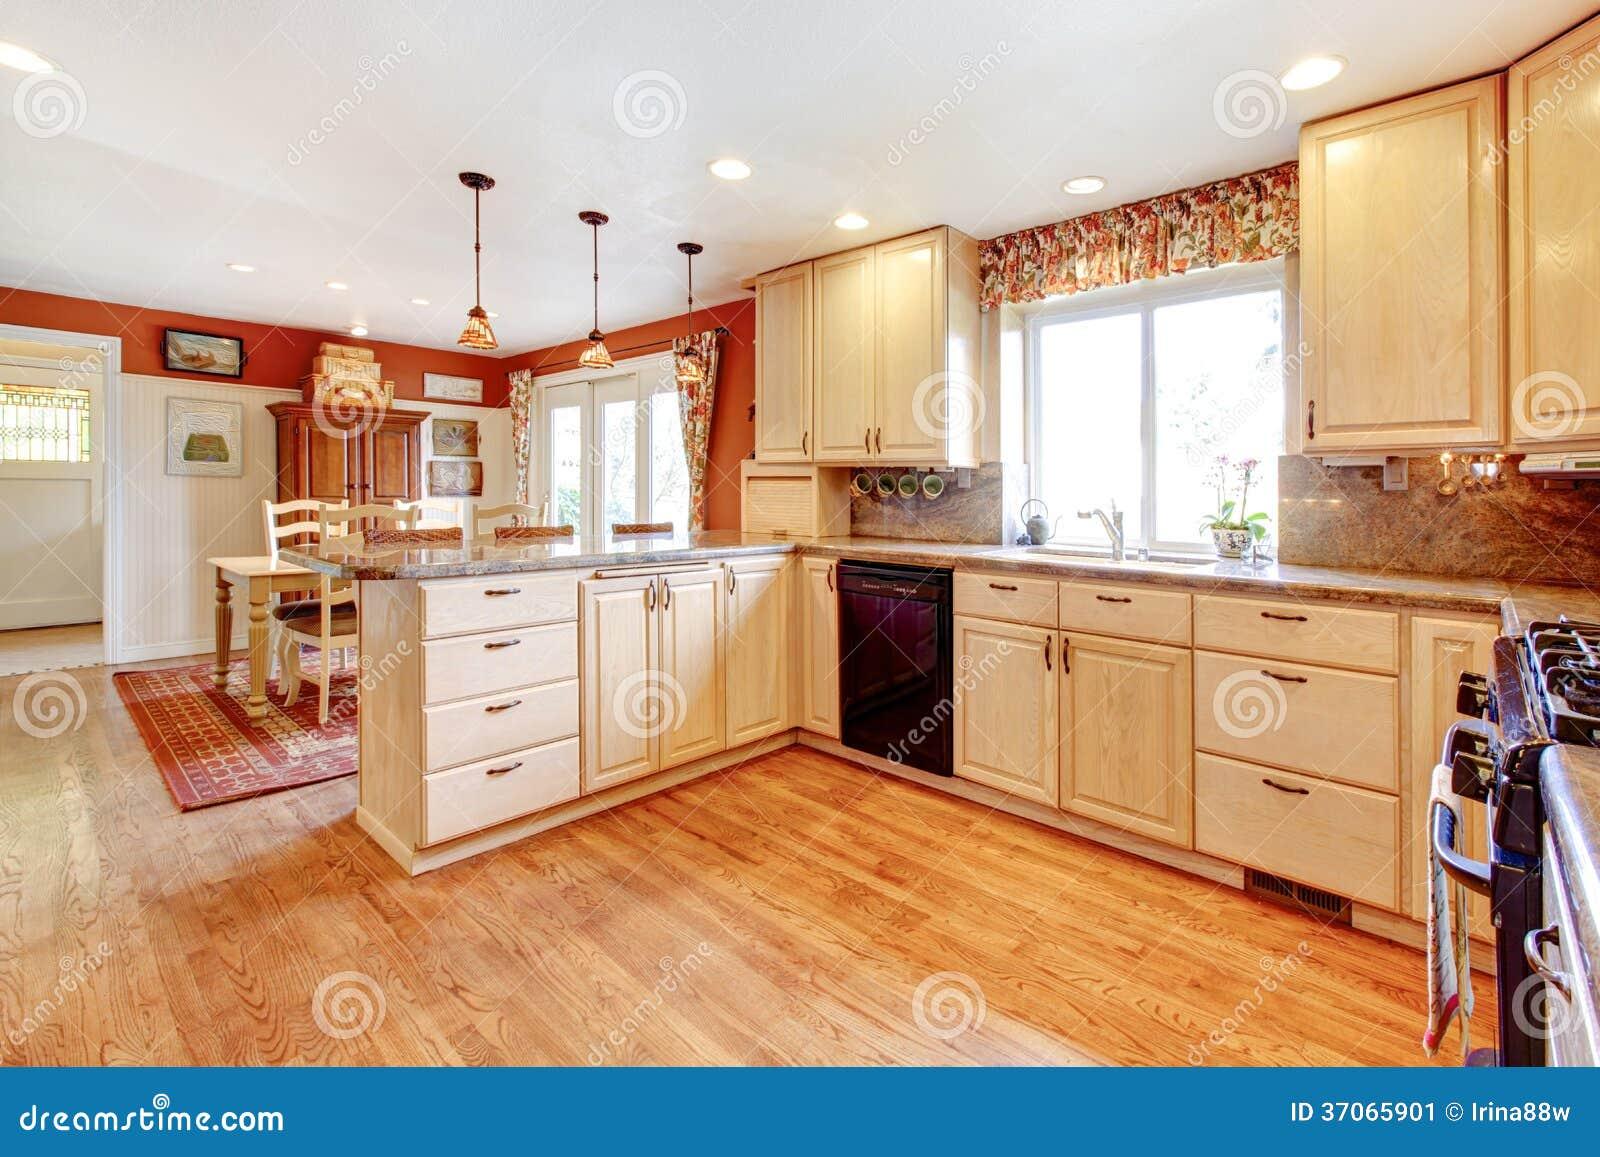 pi ce chaude simple de cuisine de couleurs avec une petite salle manger image stock image. Black Bedroom Furniture Sets. Home Design Ideas